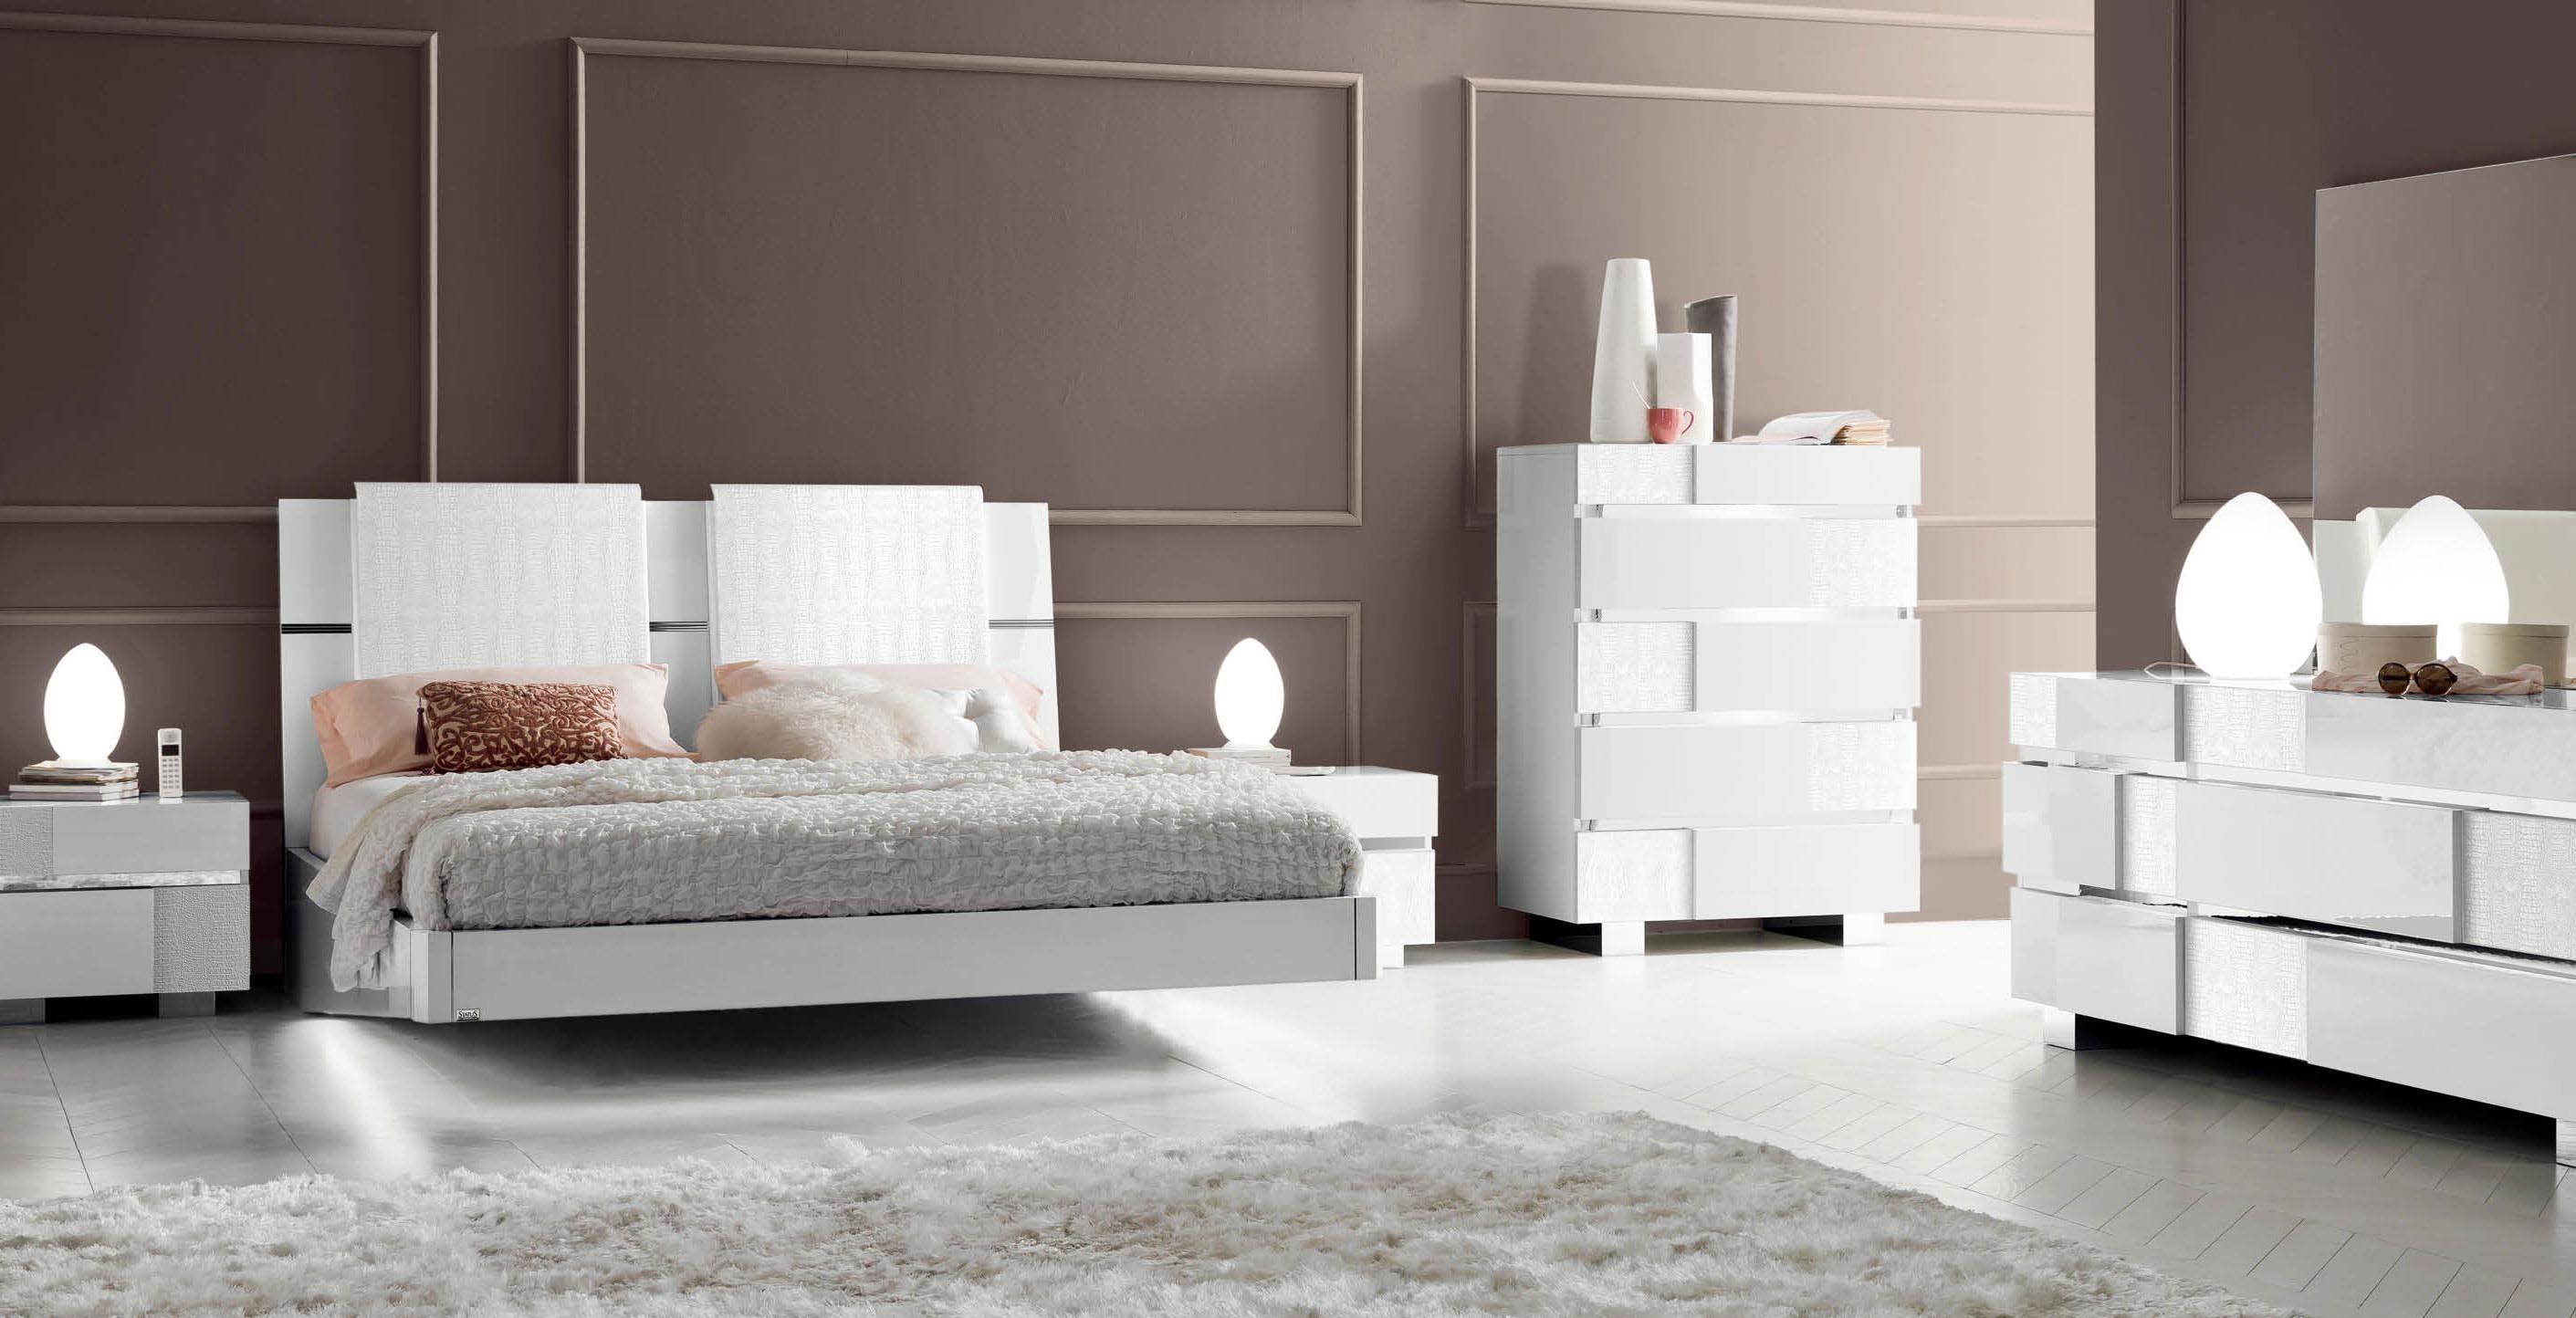 Caprice White Modern Italian Bedroom set N Star Modern